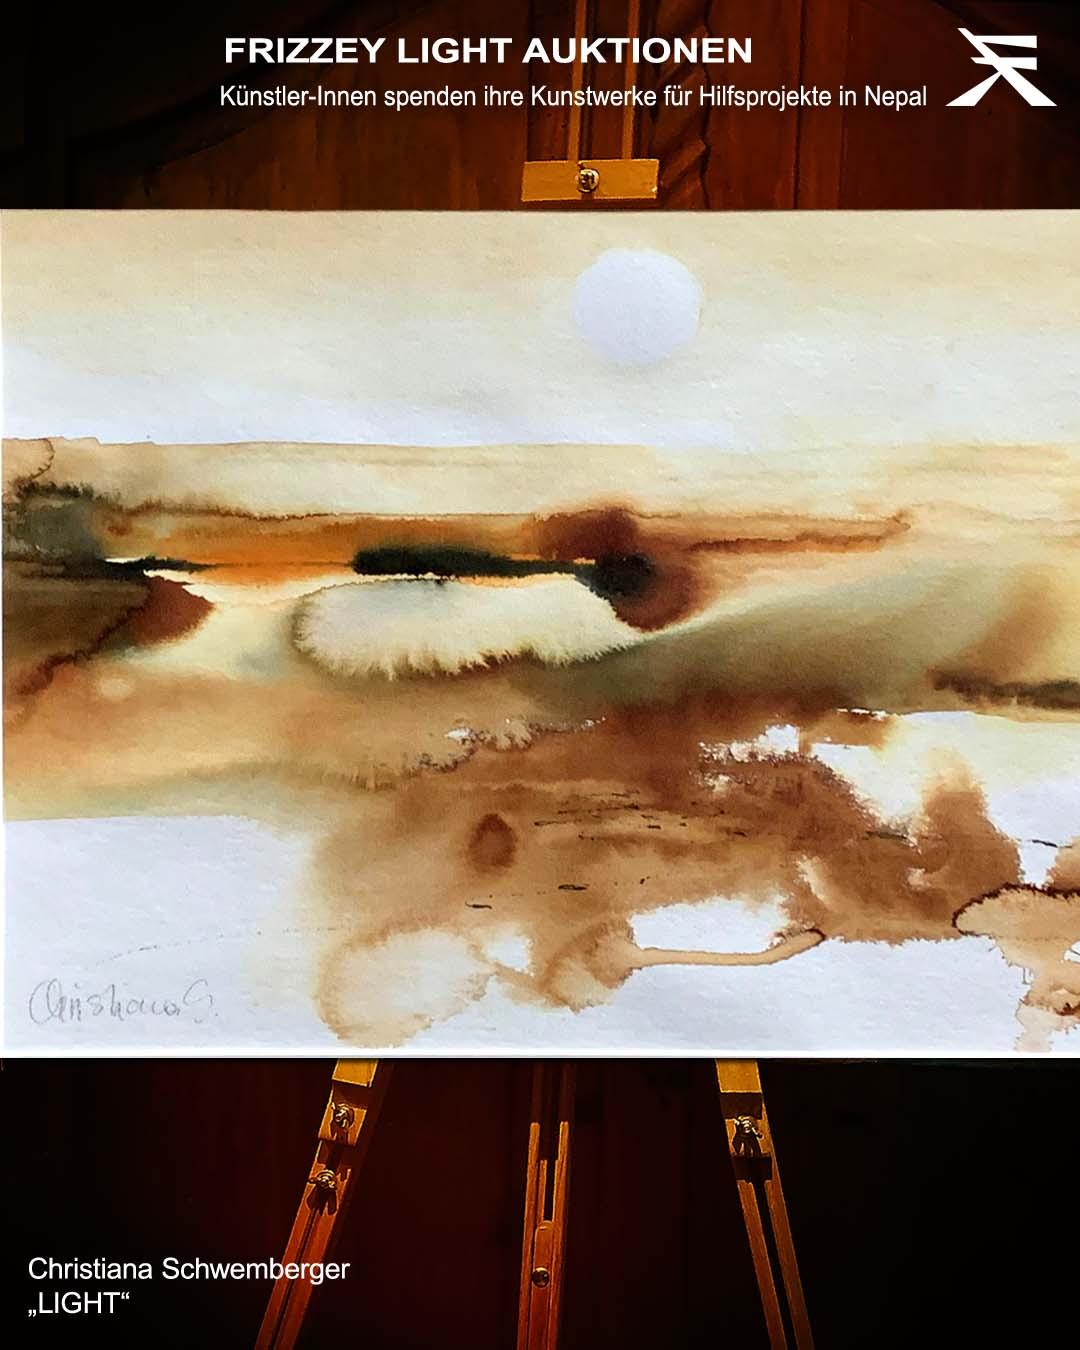 LIGHT von Christiana Schwemberger